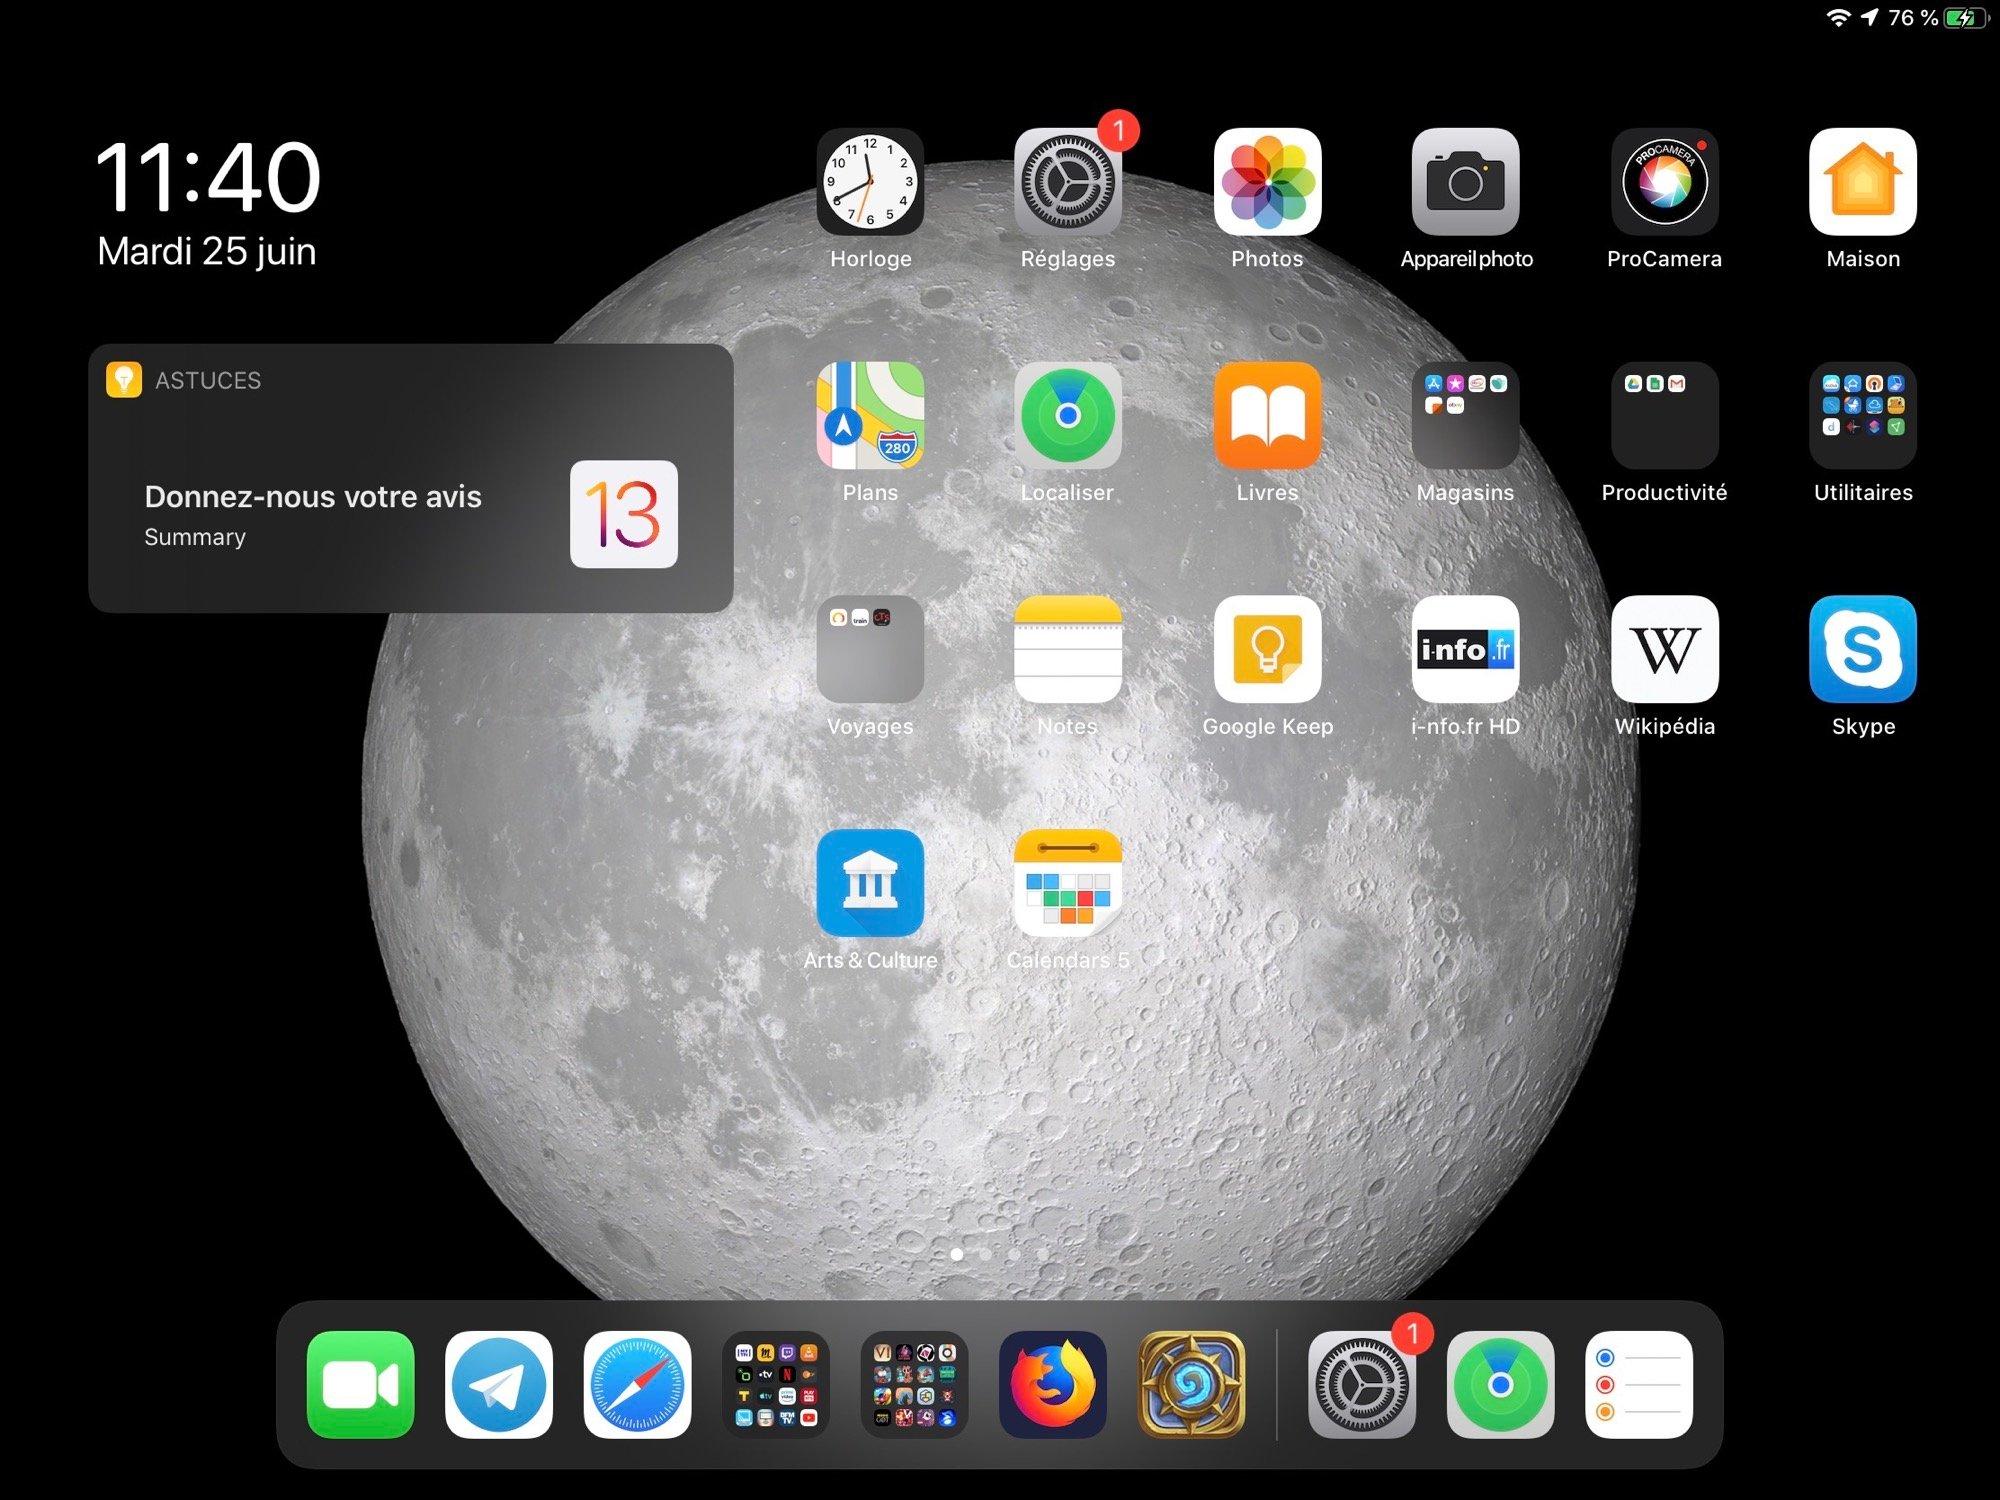 Tutoriel iOS 13: comment passer l'iPad ou l'iPhone en mode sombre? 2